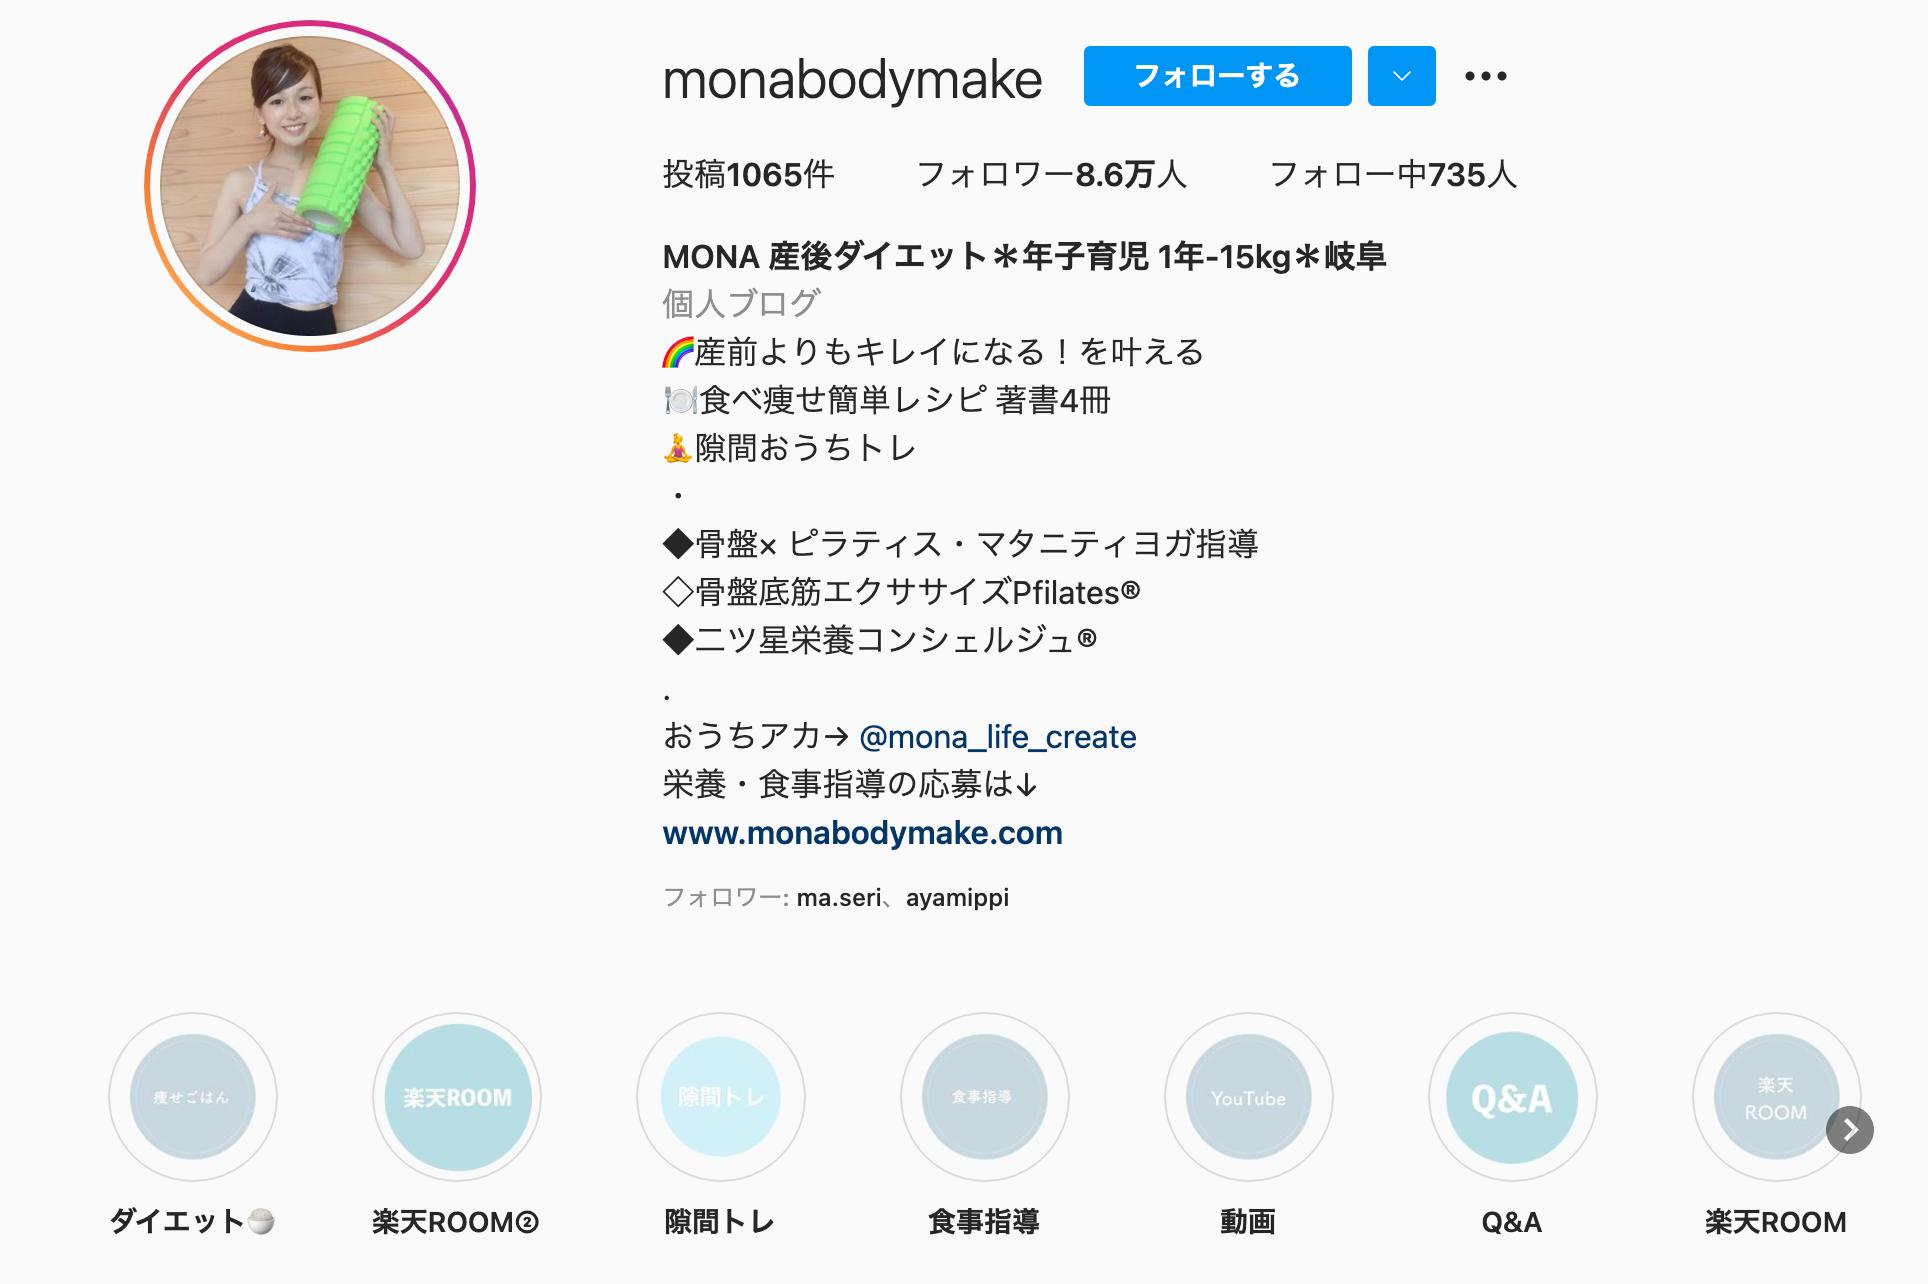 MONA 産後ダイエット*年子育児 1年-15kg*岐阜(@monabodymake) • Instagram写真と動画_ - www.instagram.com